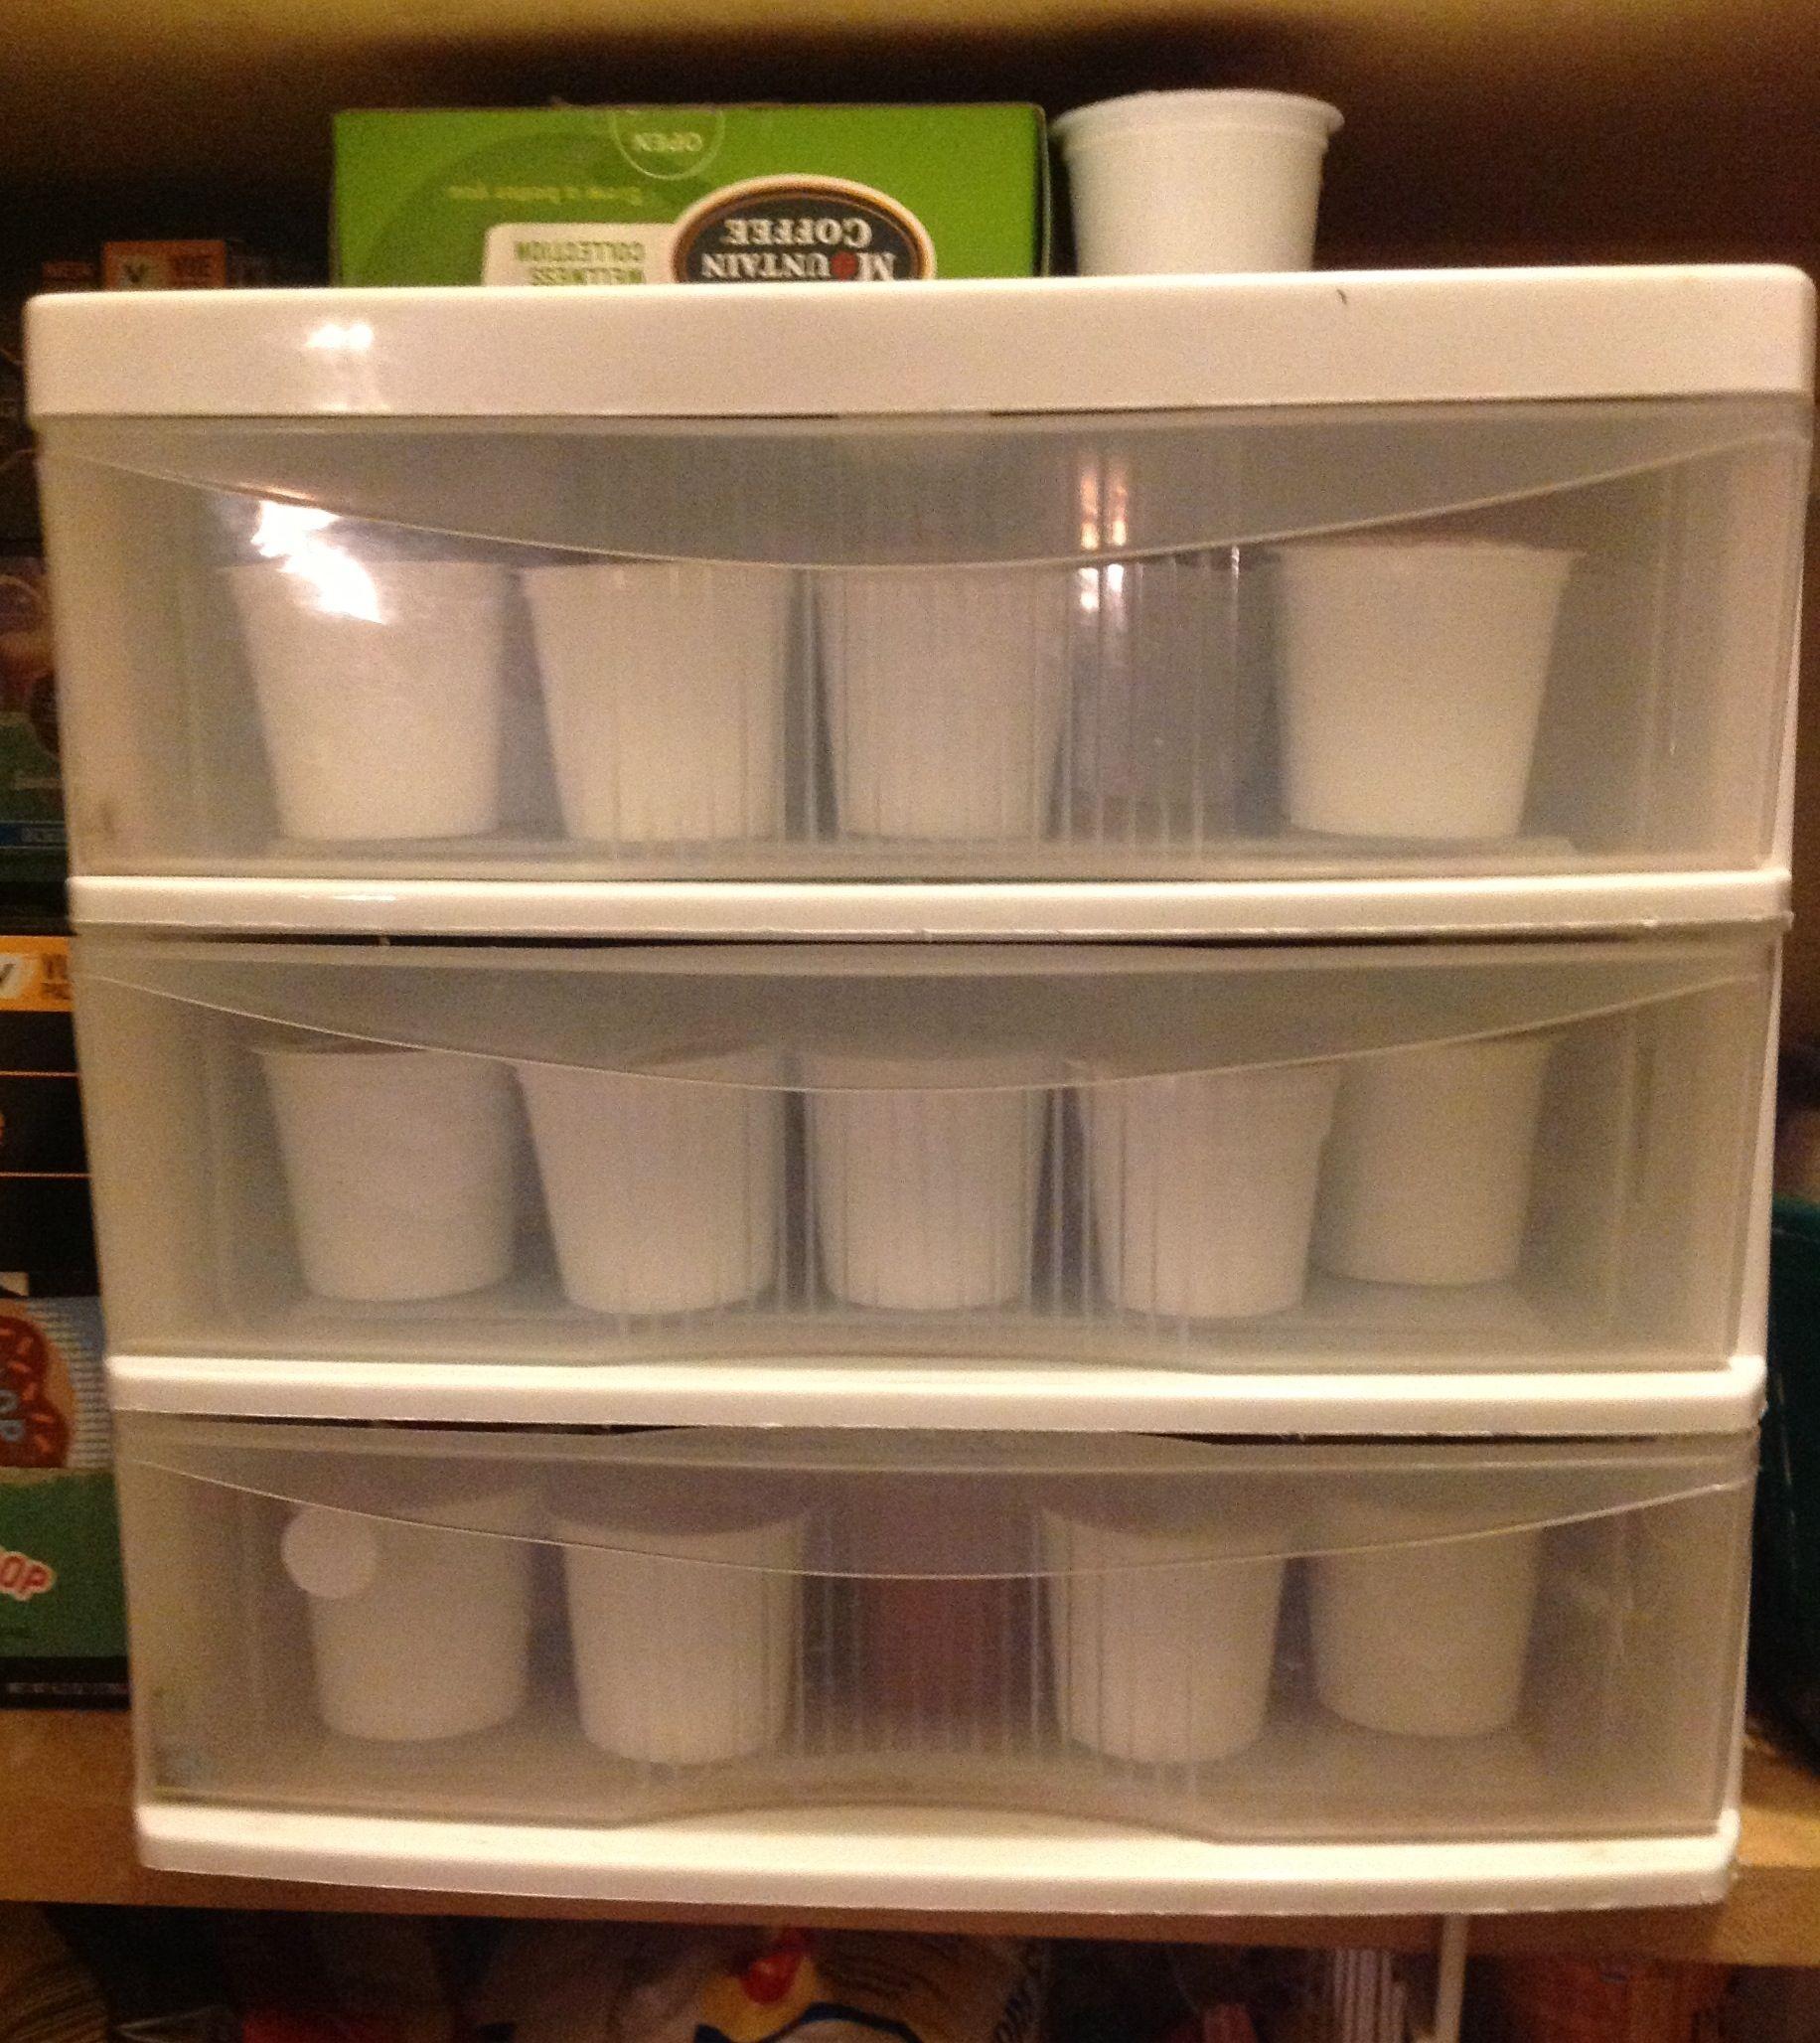 Keurig KCup/Vue cup holder. Keeps my counter top cleaned